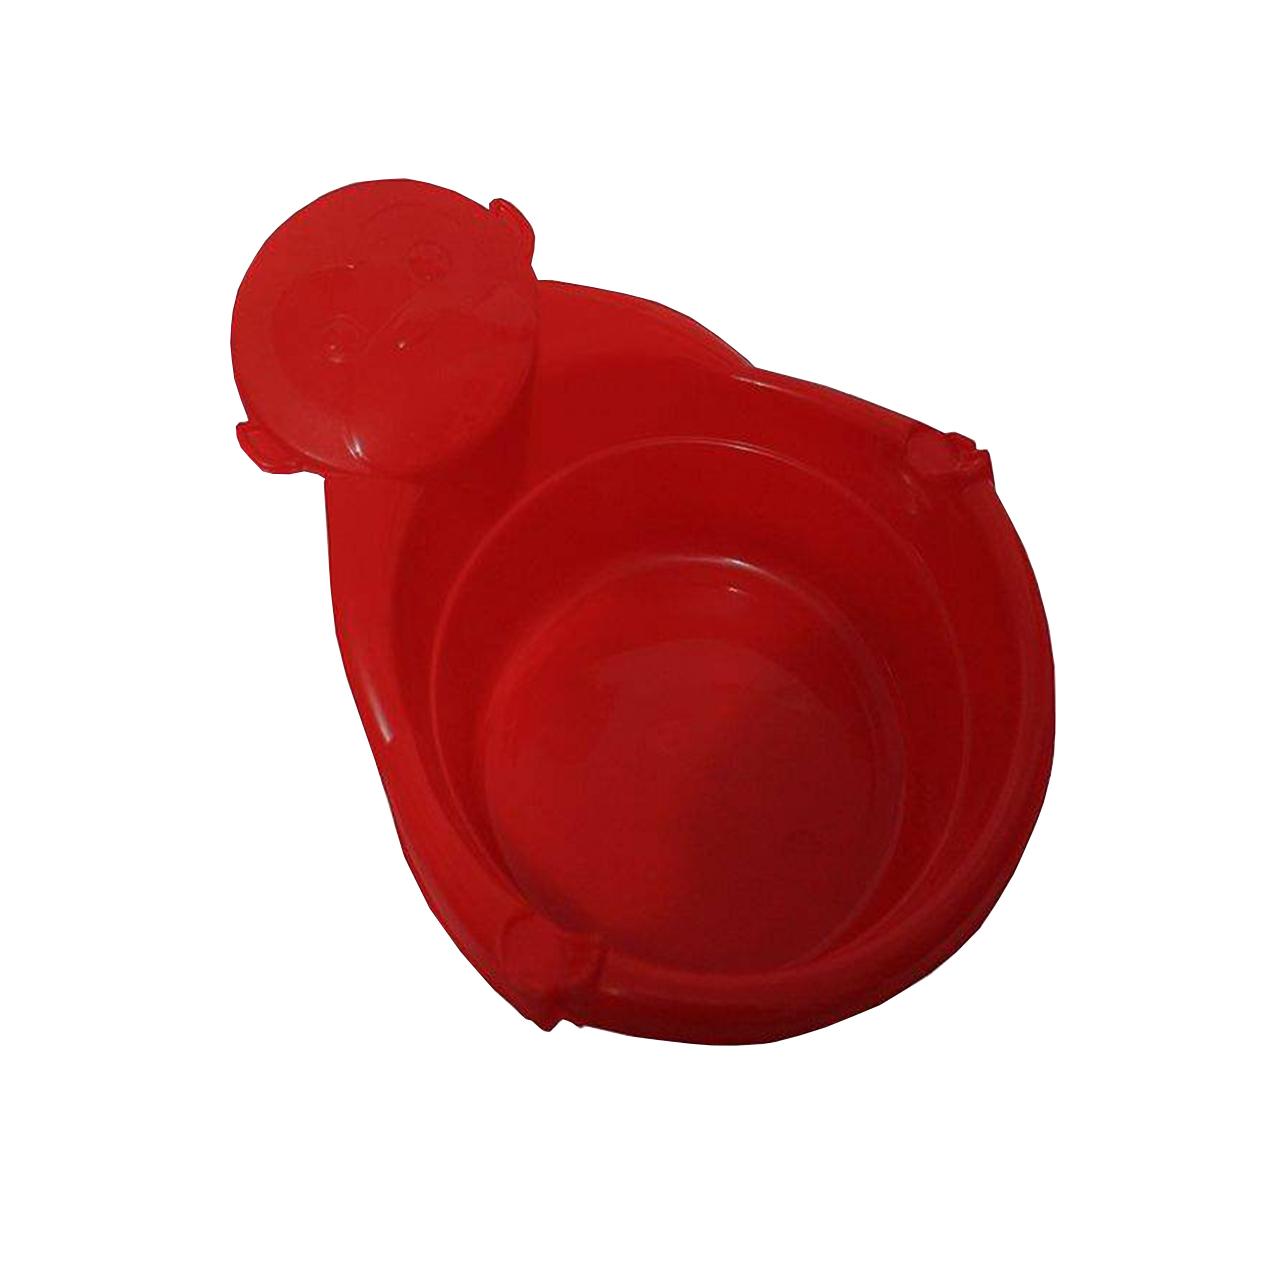 آبریز حمام کودک مدل میمون کد Ir-651